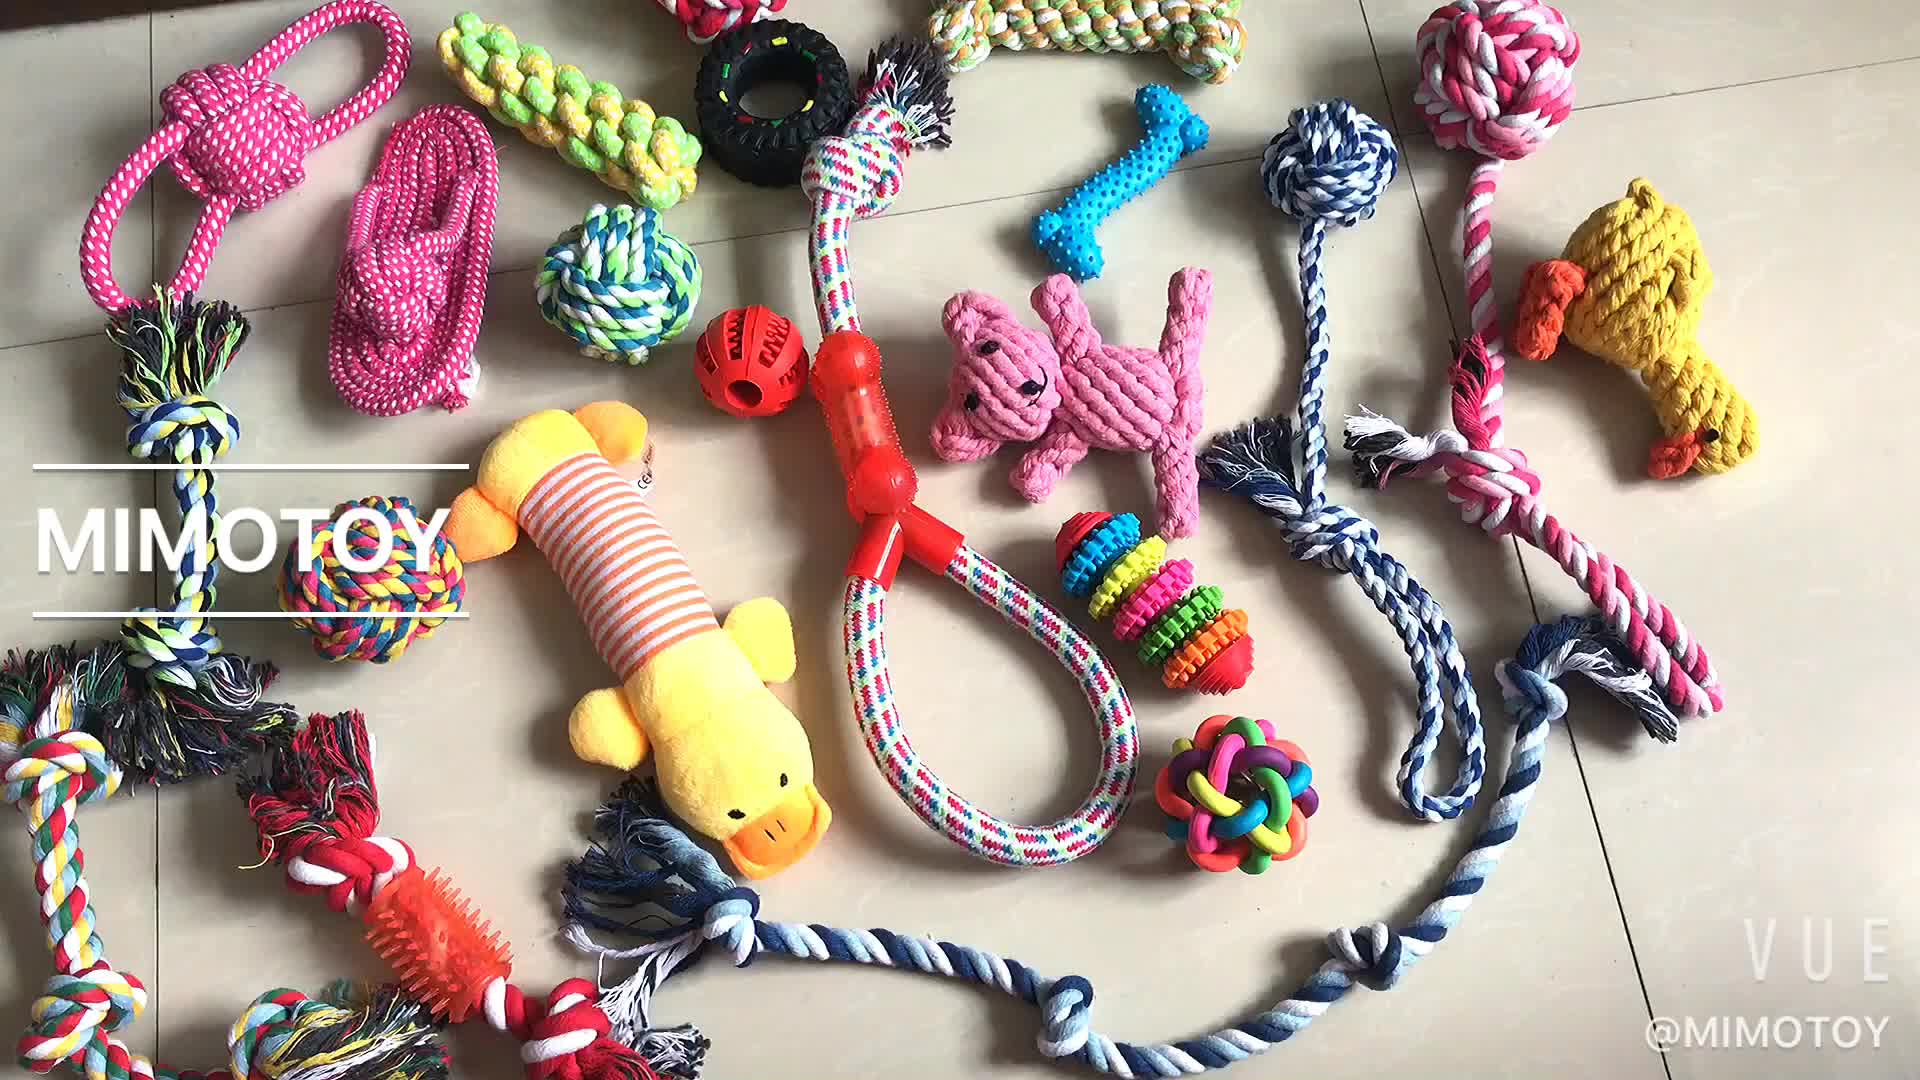 สัตว์เลี้ยงผู้ผลิตของเล่น Knot เชือกสุนัขของเล่นต่ำ MOQ Interactive Teething ทำความสะอาด Chew Squeaky สัตว์เลี้ยงของเล่นสุนัข ball